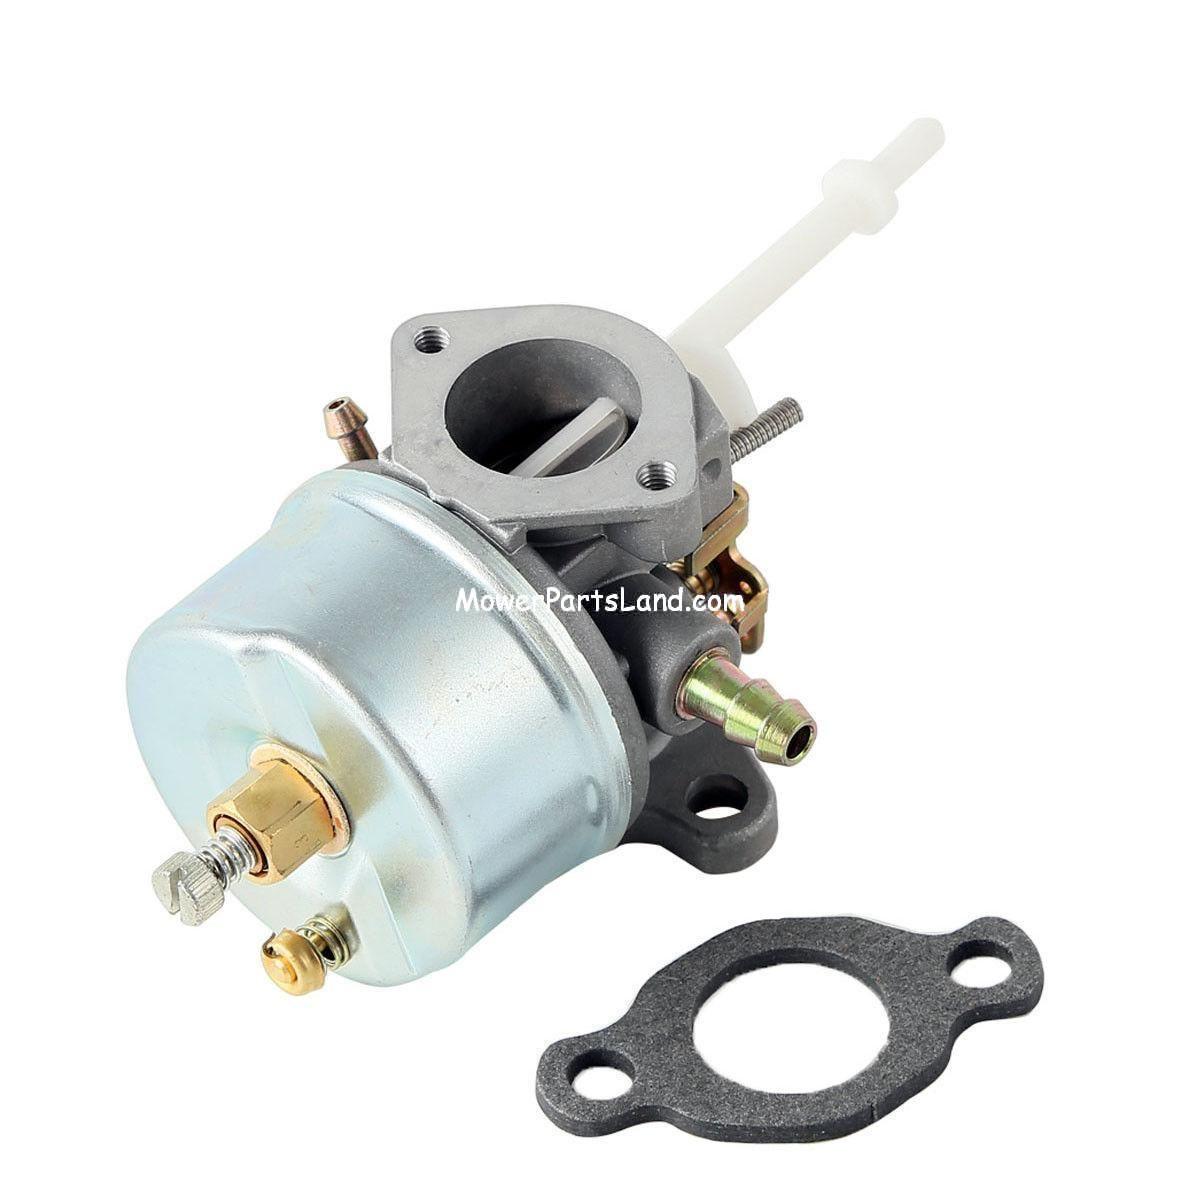 Carburetor for husqvarna 7hp 1430d5r 94 toro 724 tecumseh